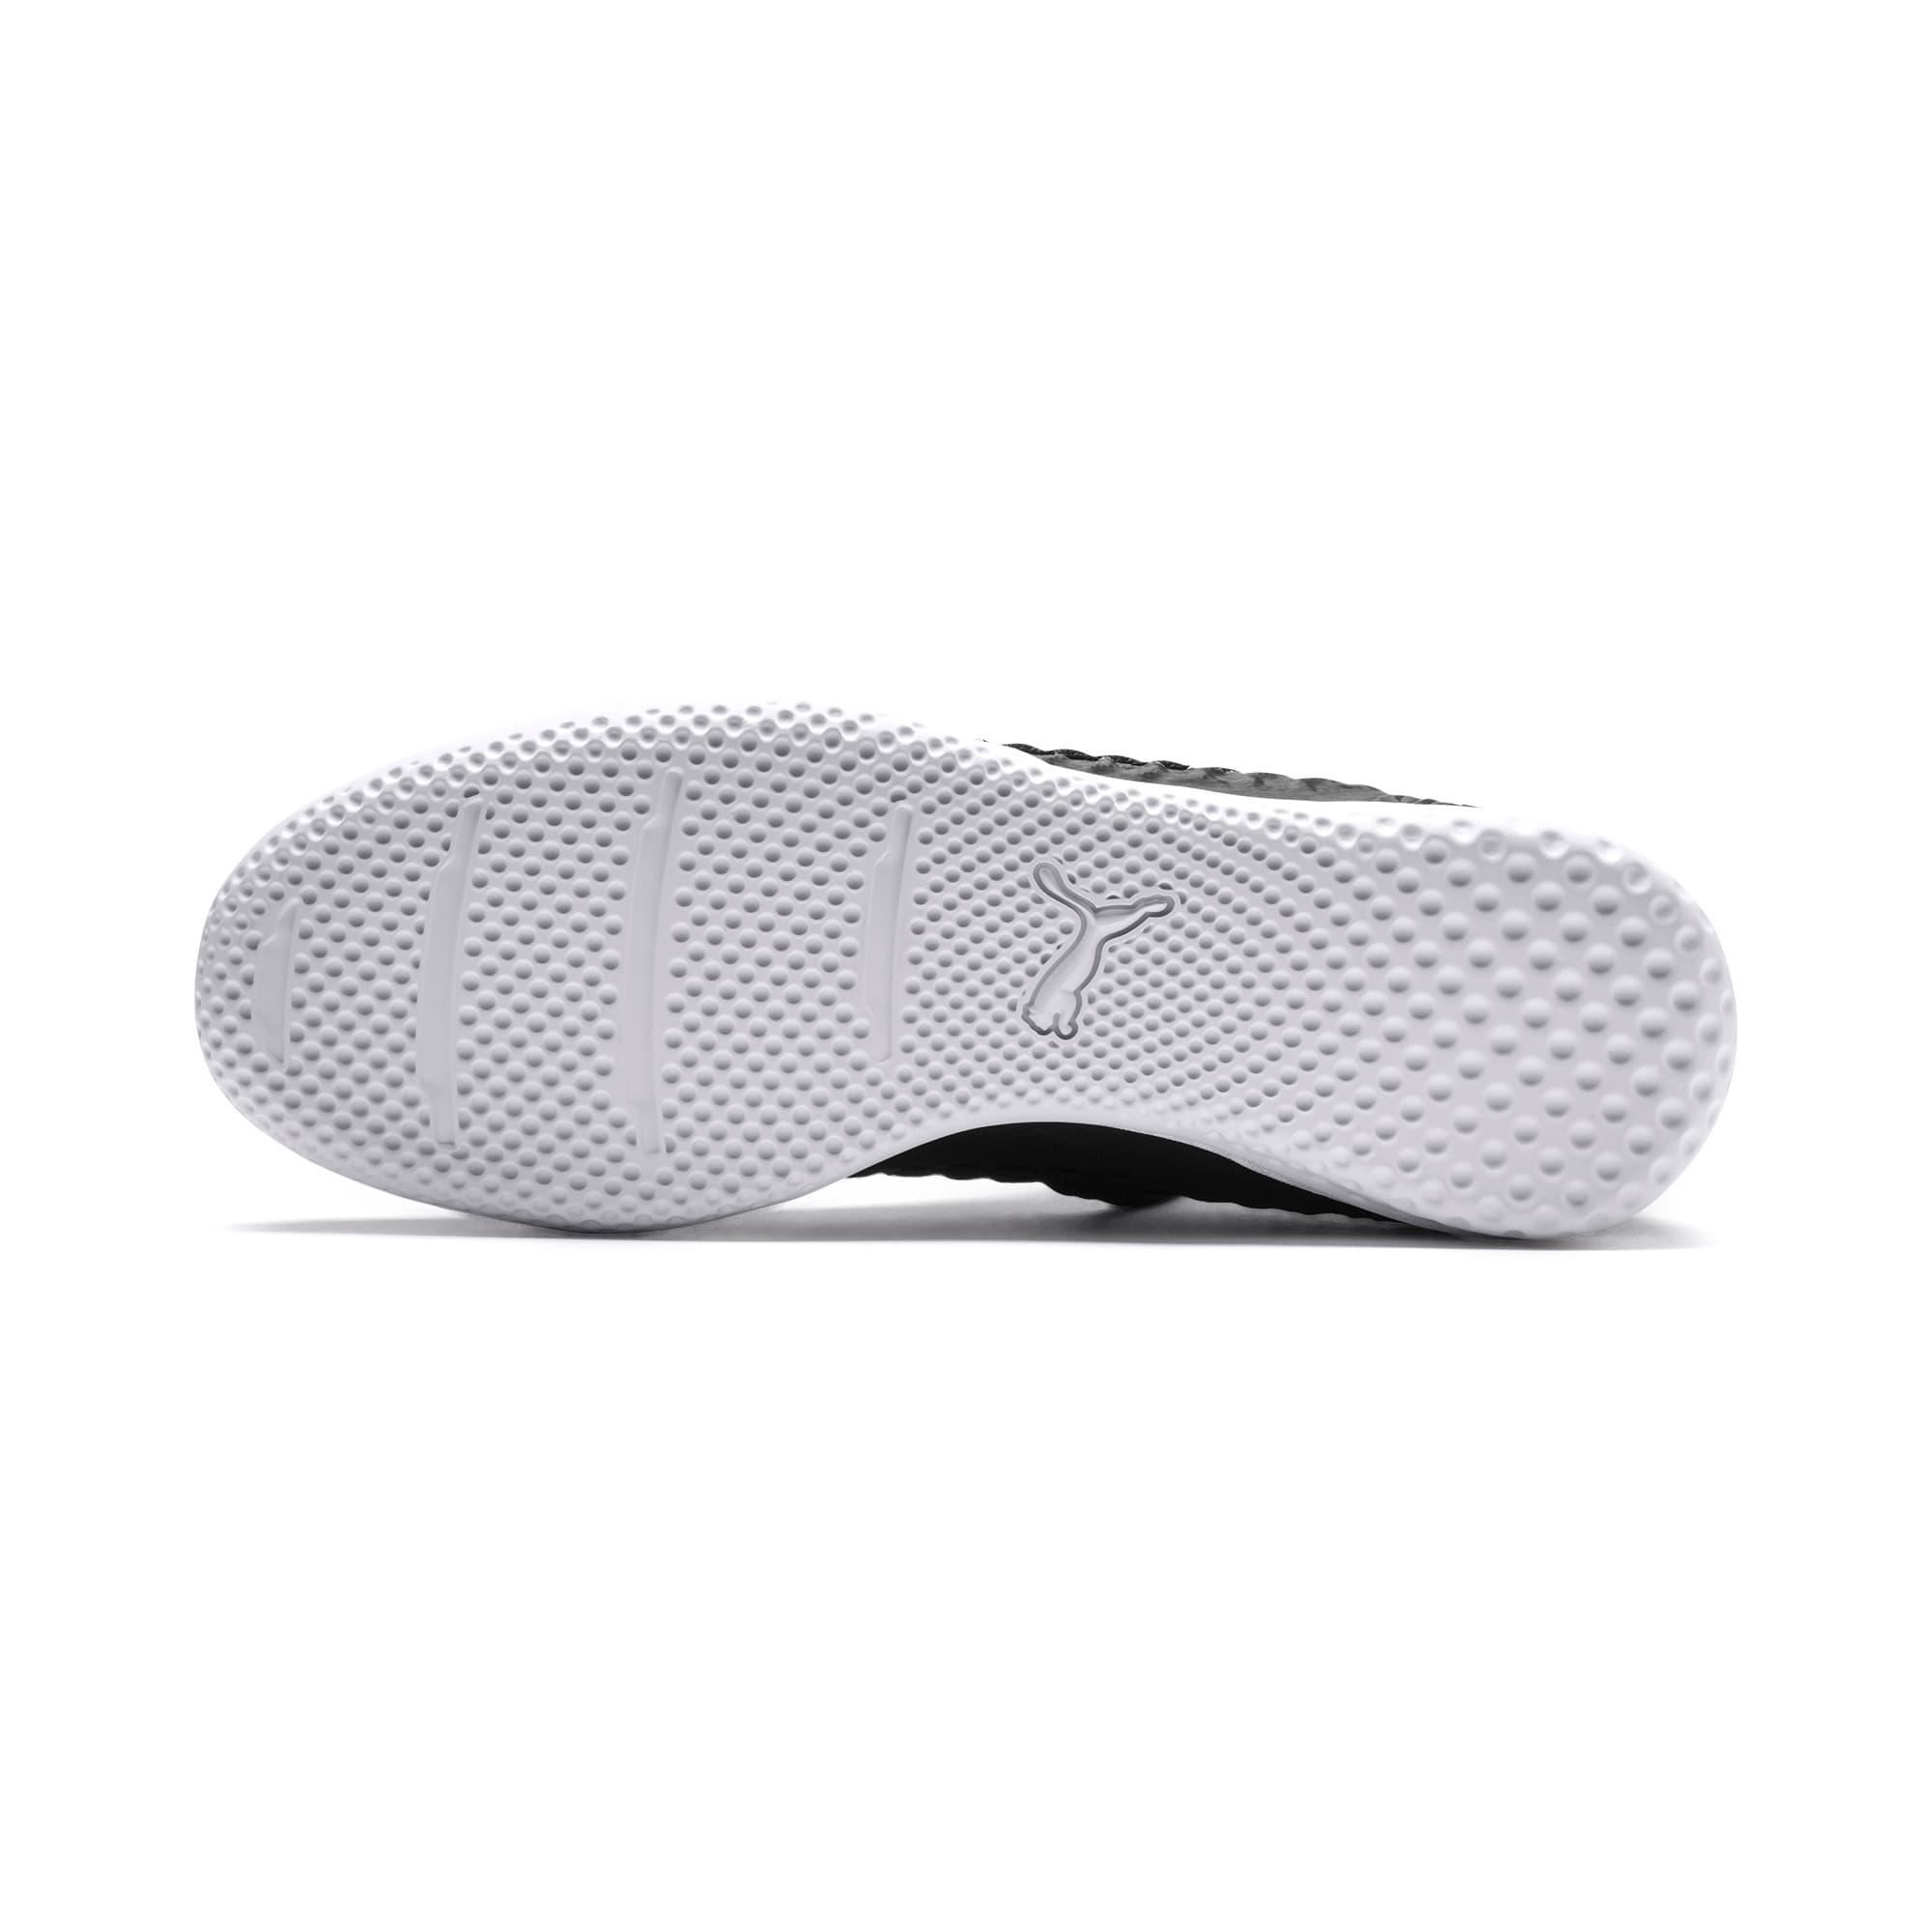 Thumbnail 3 of FUTURE 19.3 NETFIT IT Men's Soccer Shoes, Puma Black-Puma Black-White, medium